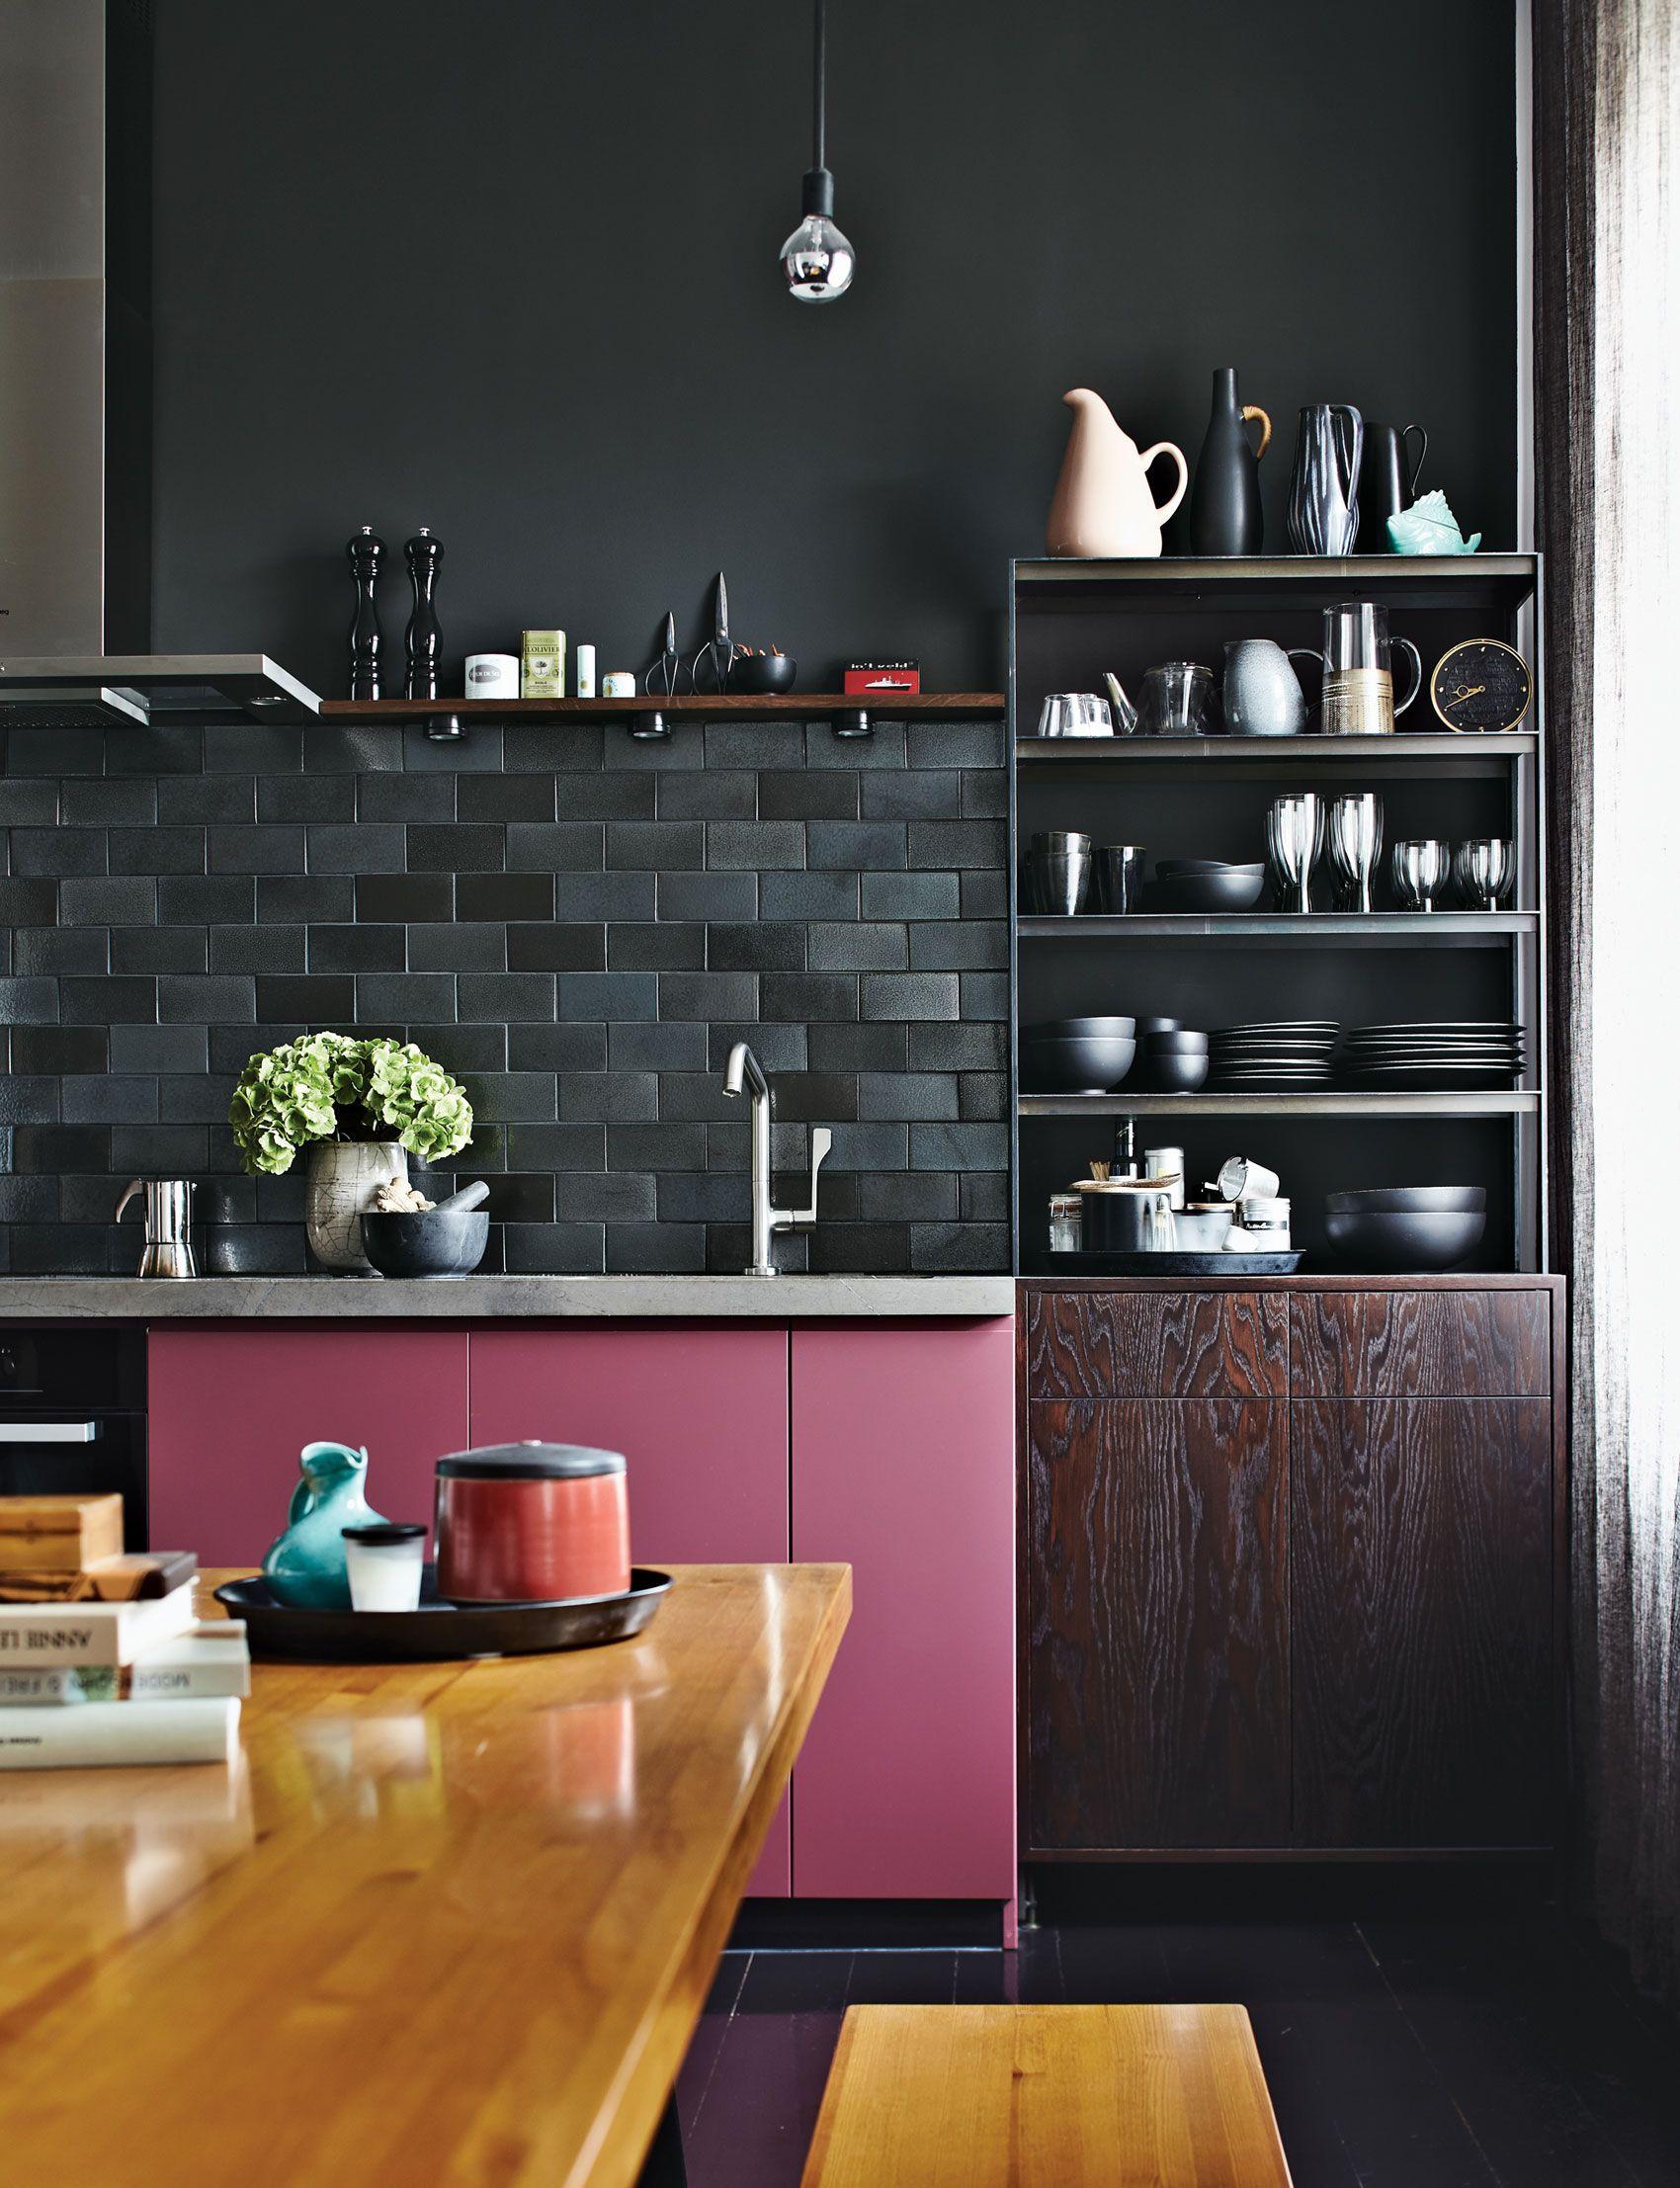 en-guzel-mutfak-dekoru-64